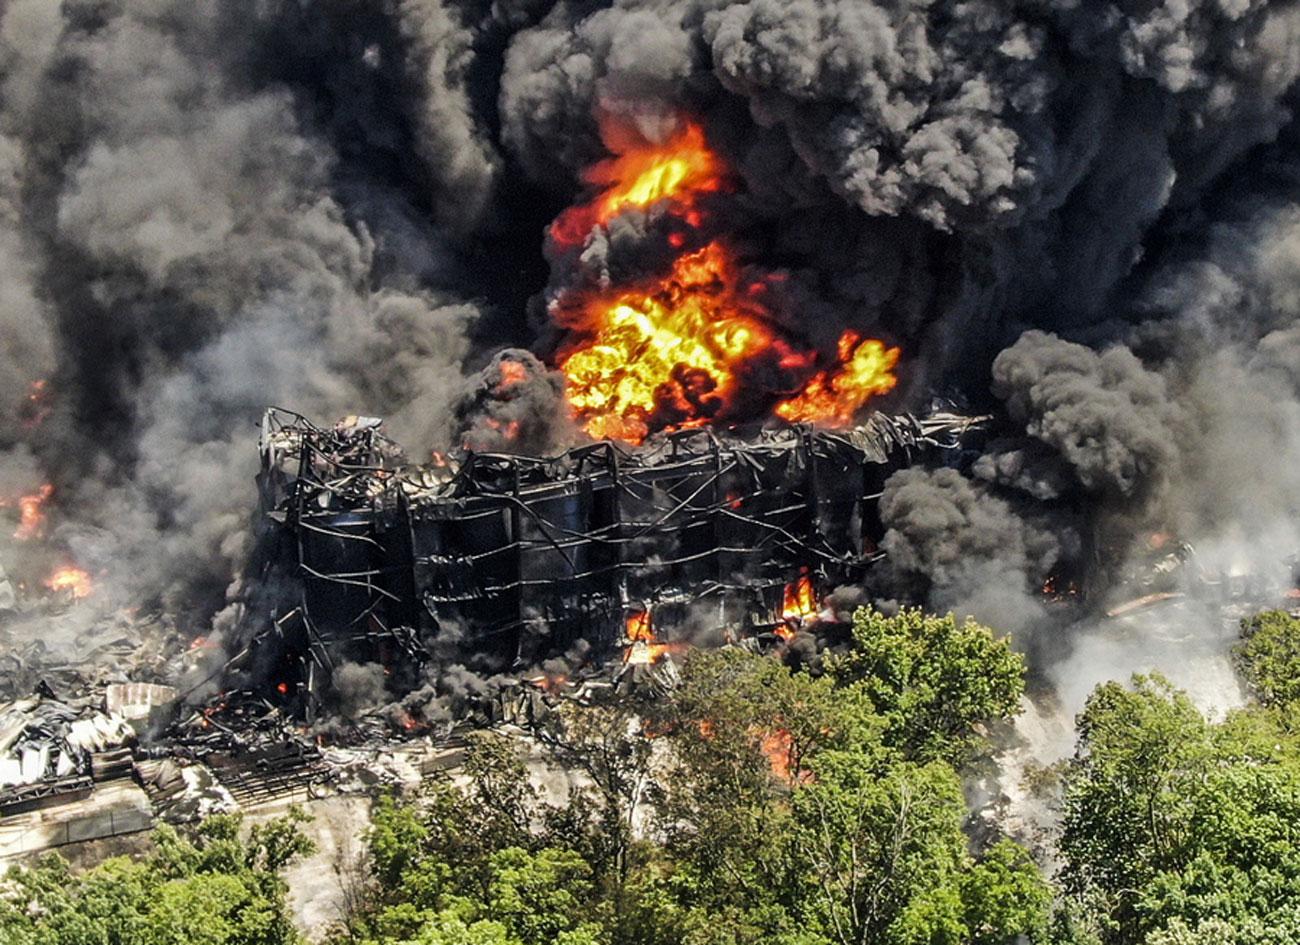 ΗΠΑ: Απίστευτες εικόνες από τη φωτιά σε χημικό εργοστάσιο – Ορατοί καπνοί σε απόσταση δεκάδων χιλιομέτρων